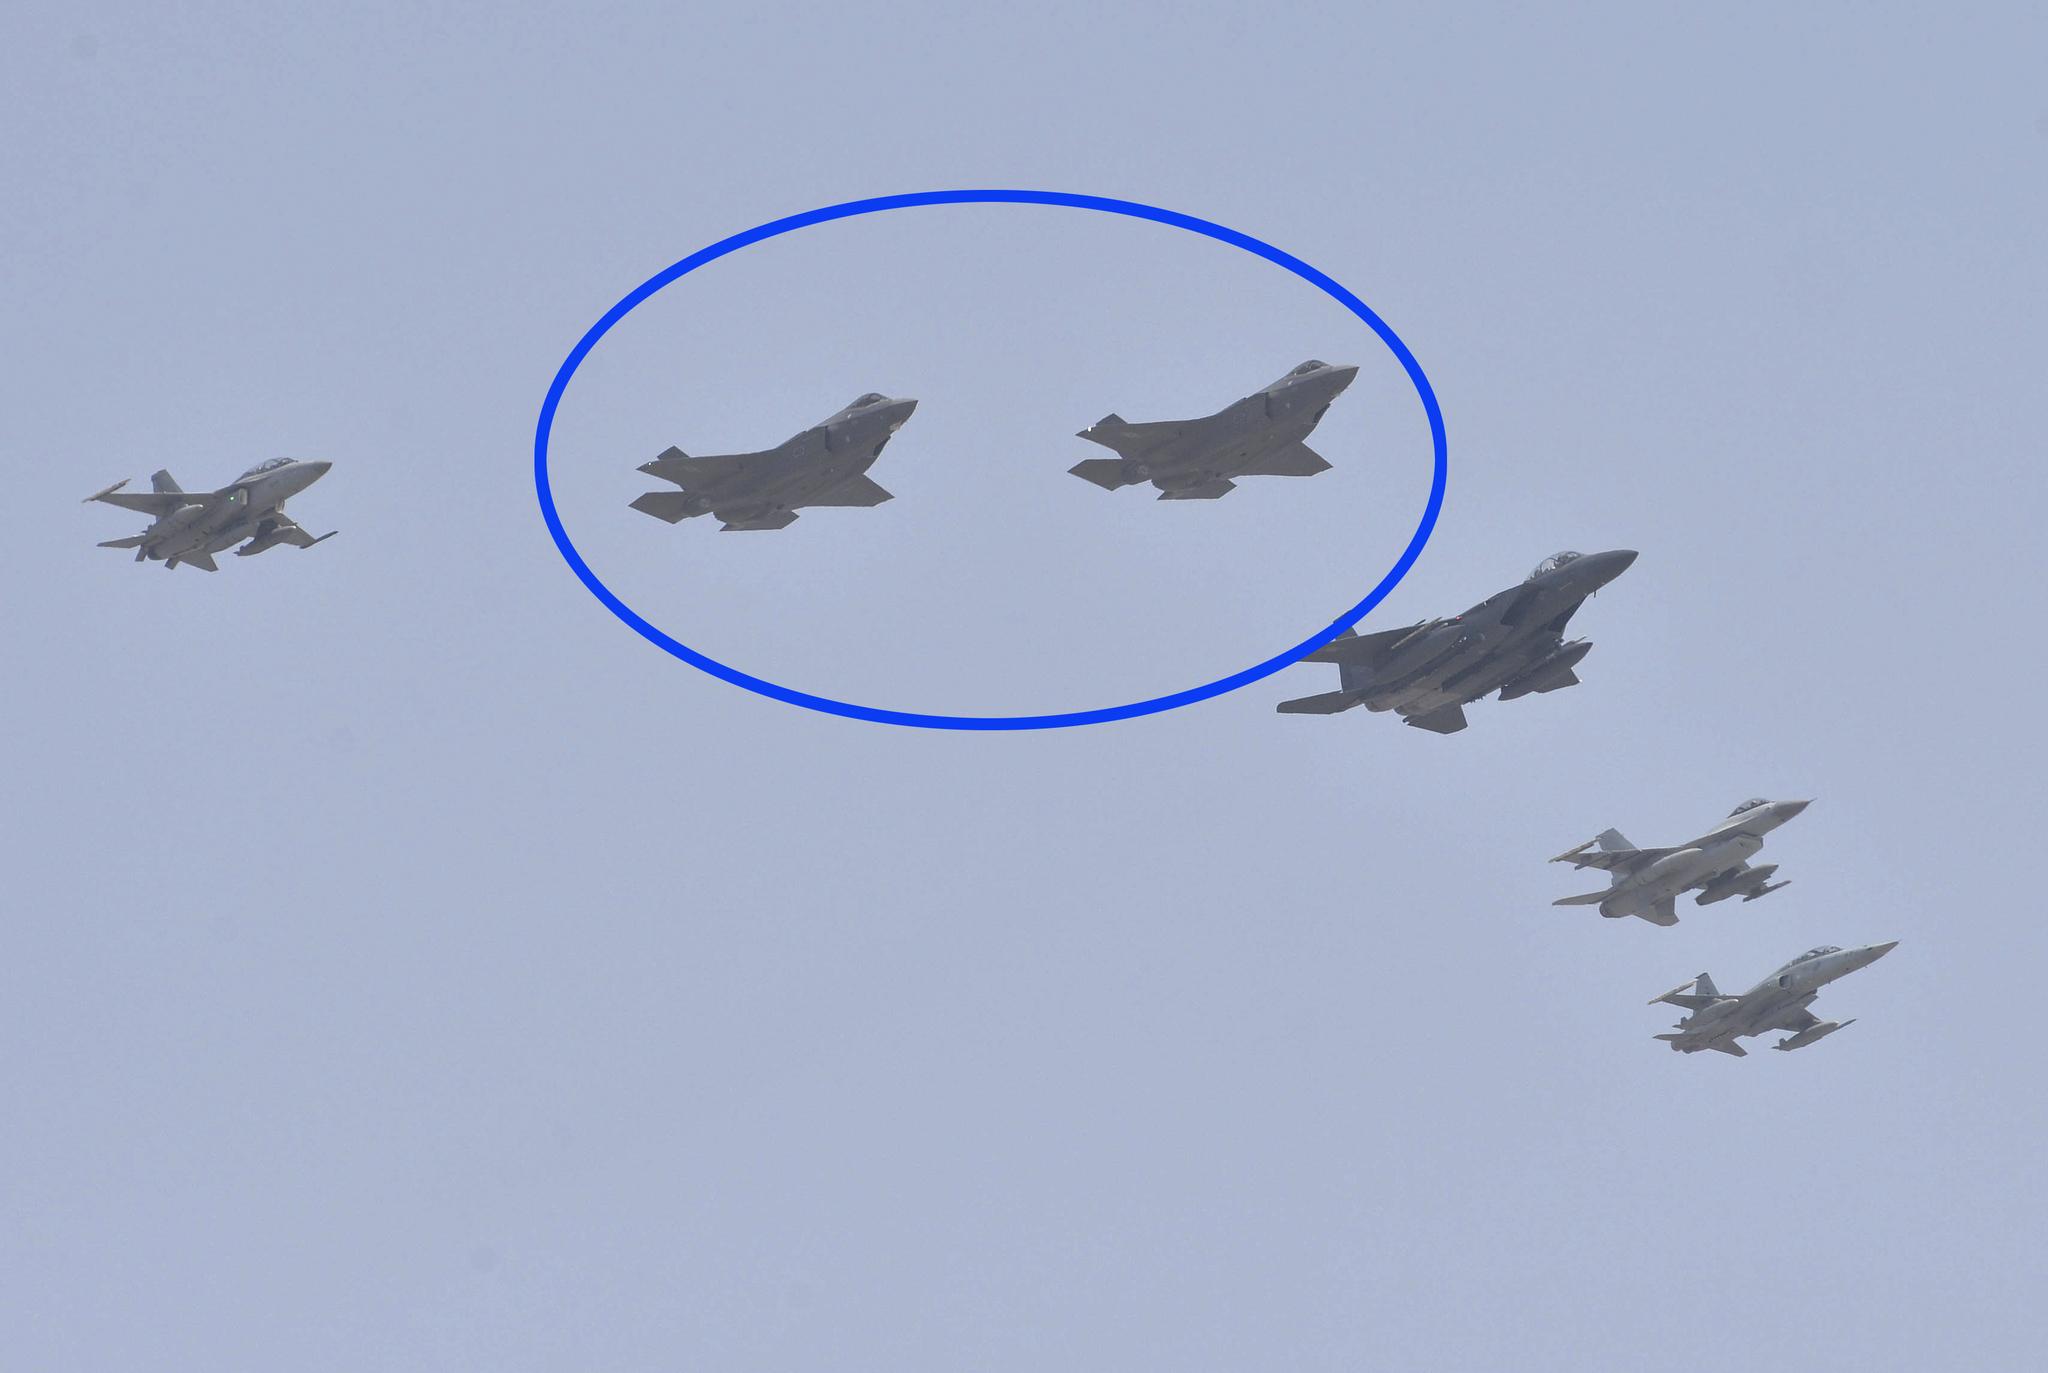 공군의 첫 스텔스 전투기인 F-35A(파란원) 2대가 F-4E 팬텀, FA-50, F-15K, KF-16, F-5E의 호위를 받으며 청주 공군 17 비행단 상공을 비행하고 있다. 프리랜서 김성태